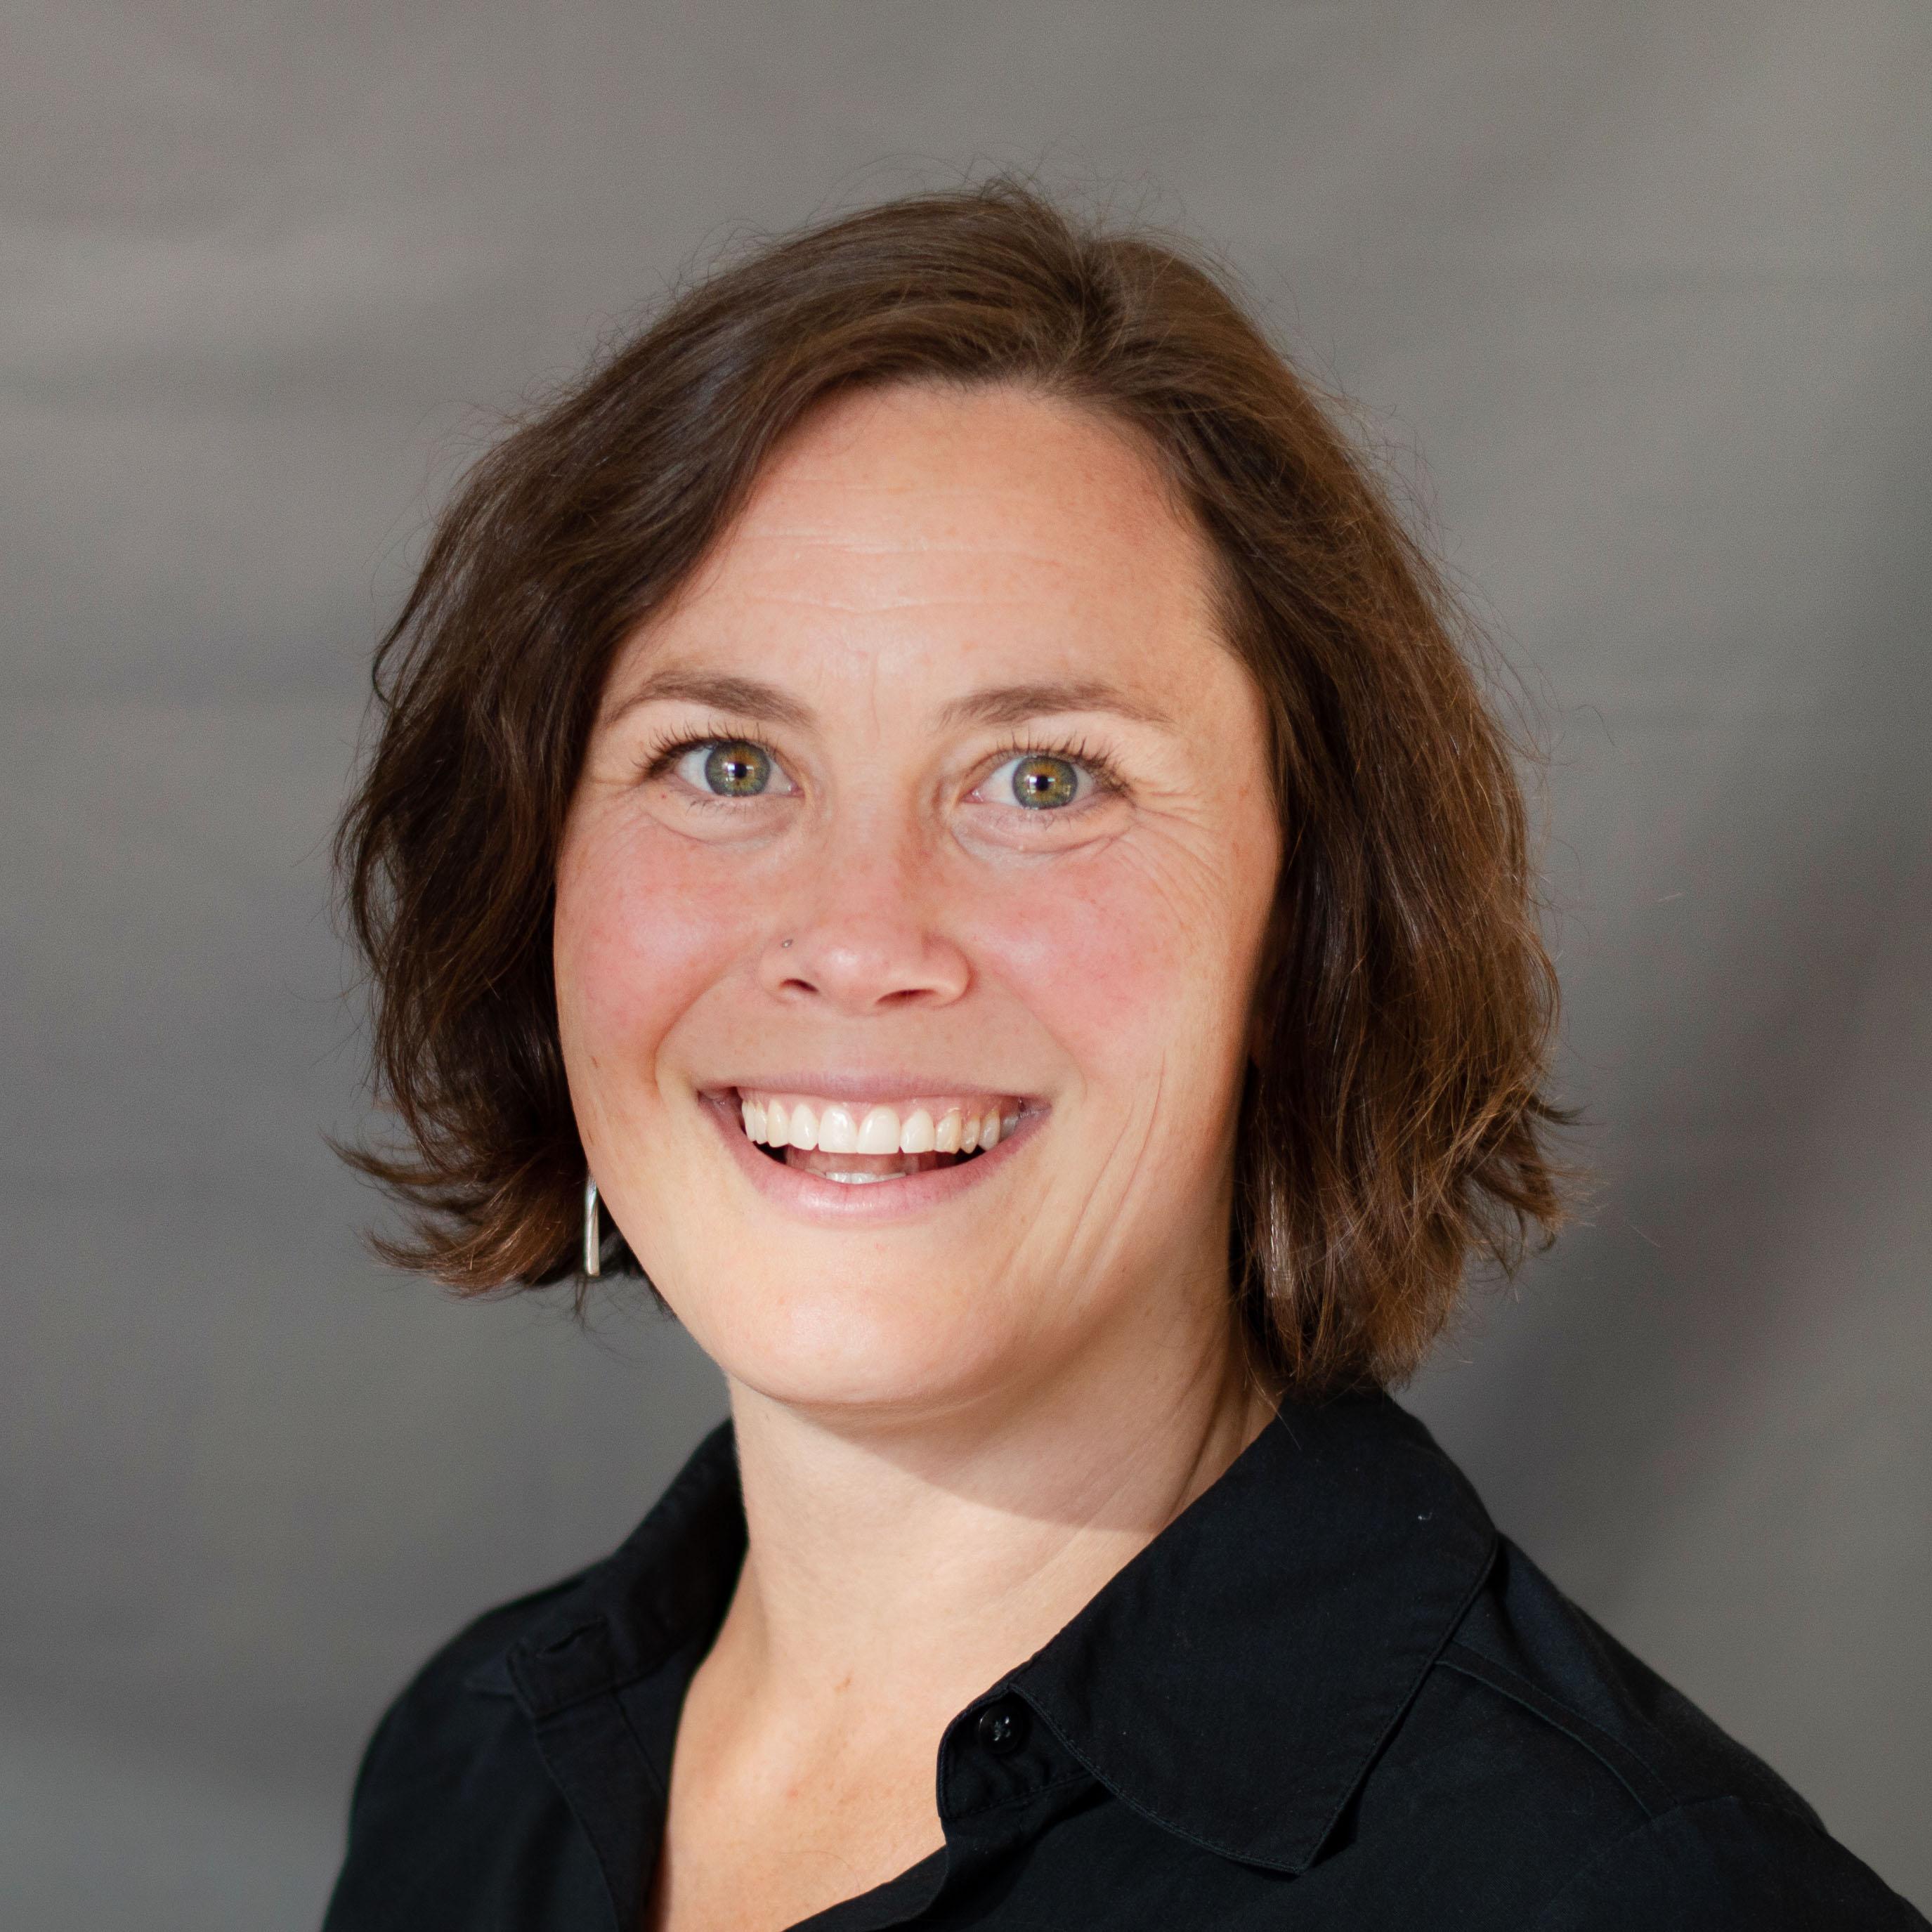 Headshot of Dr. Ellie Graeden